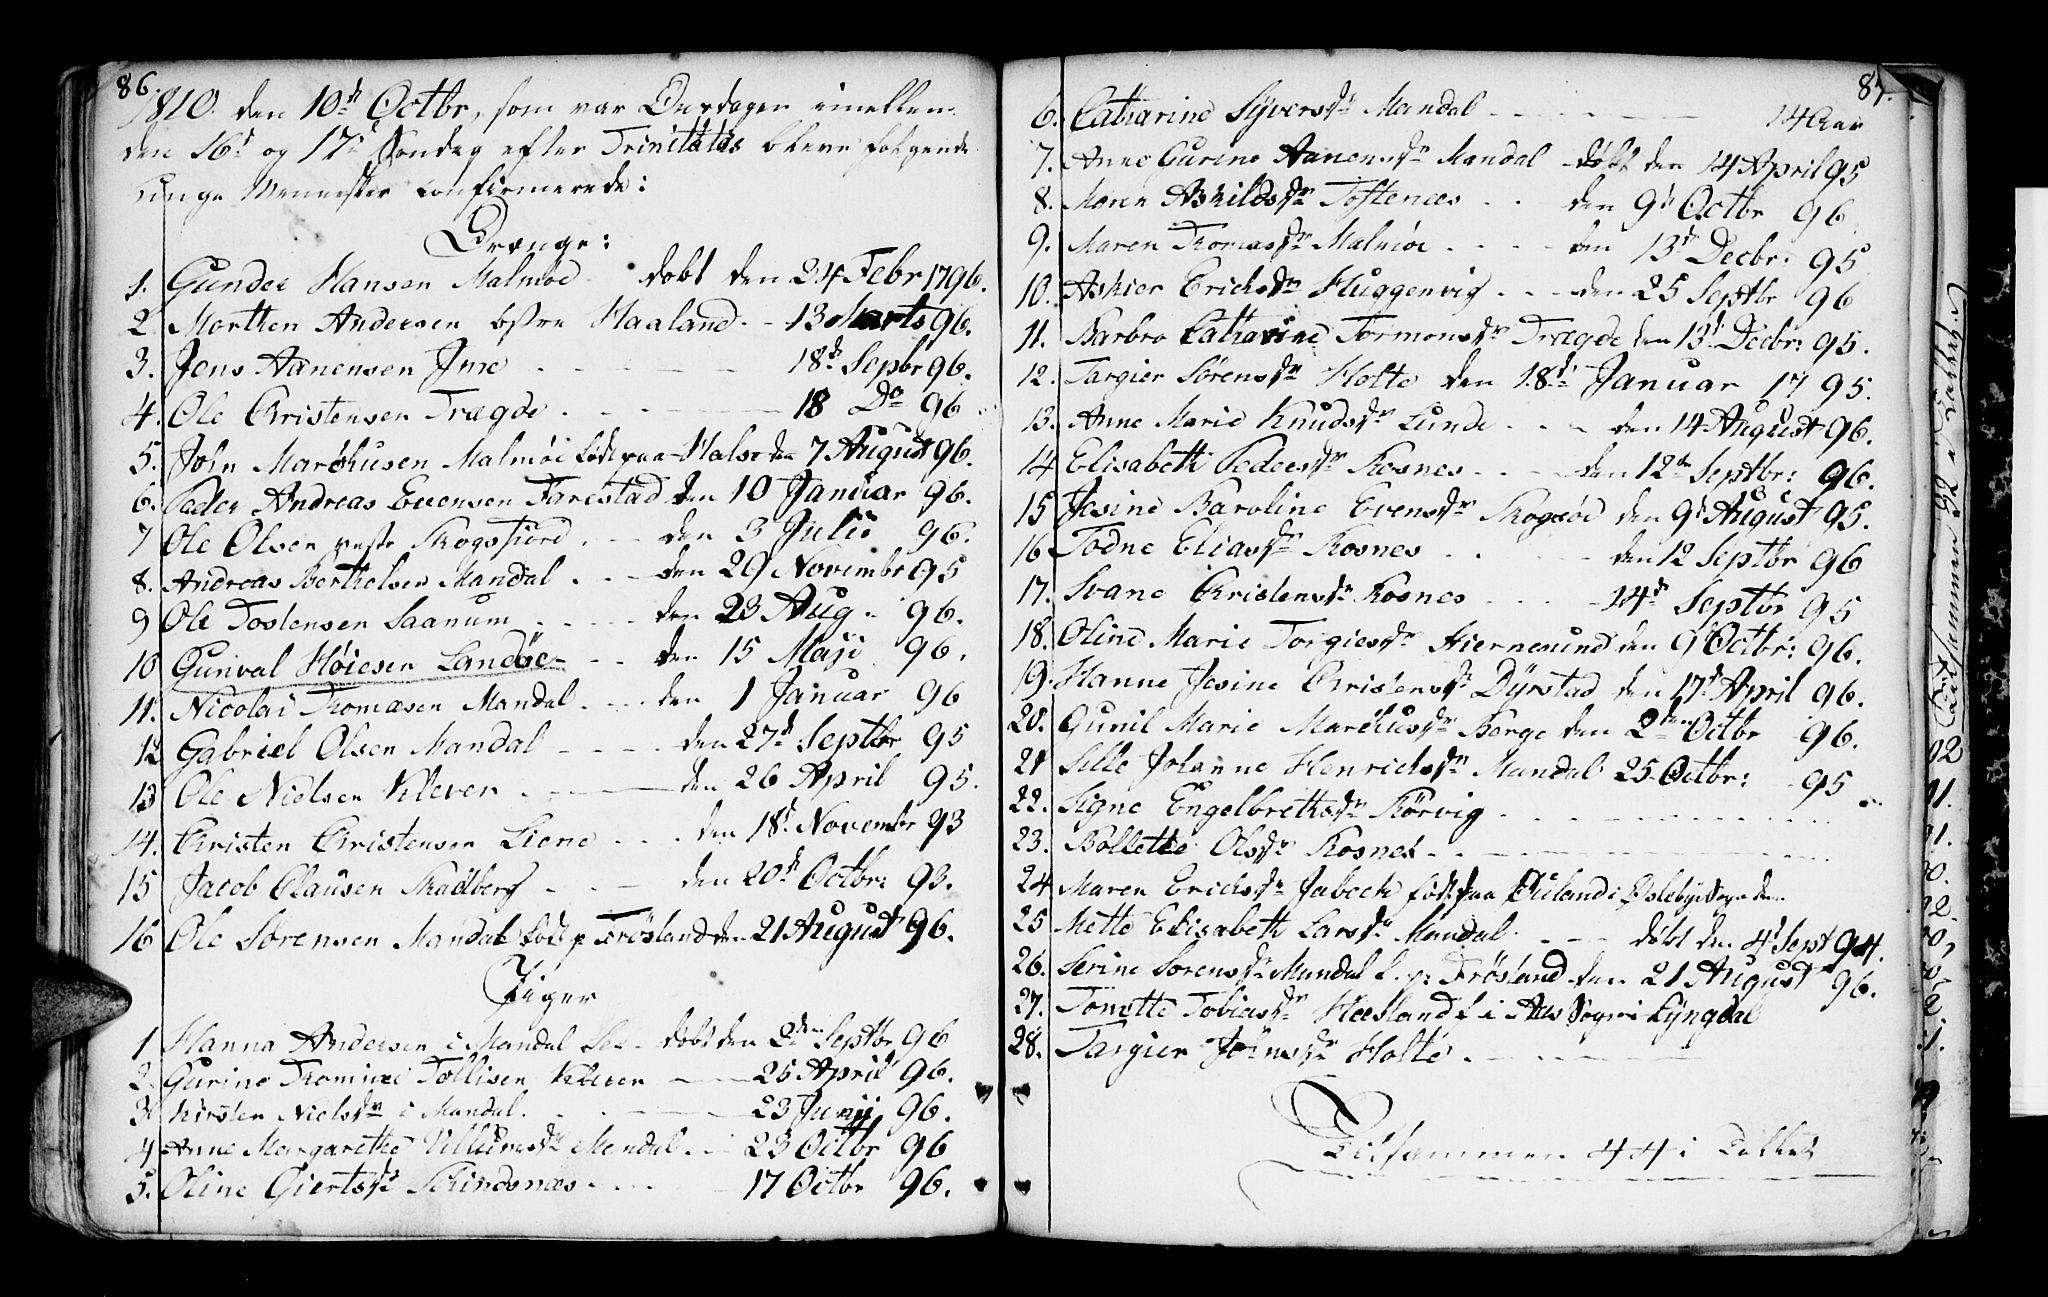 SAK, Mandal sokneprestkontor, F/Fa/Faa/L0004: Ministerialbok nr. A 4, 1745-1817, s. 86-87